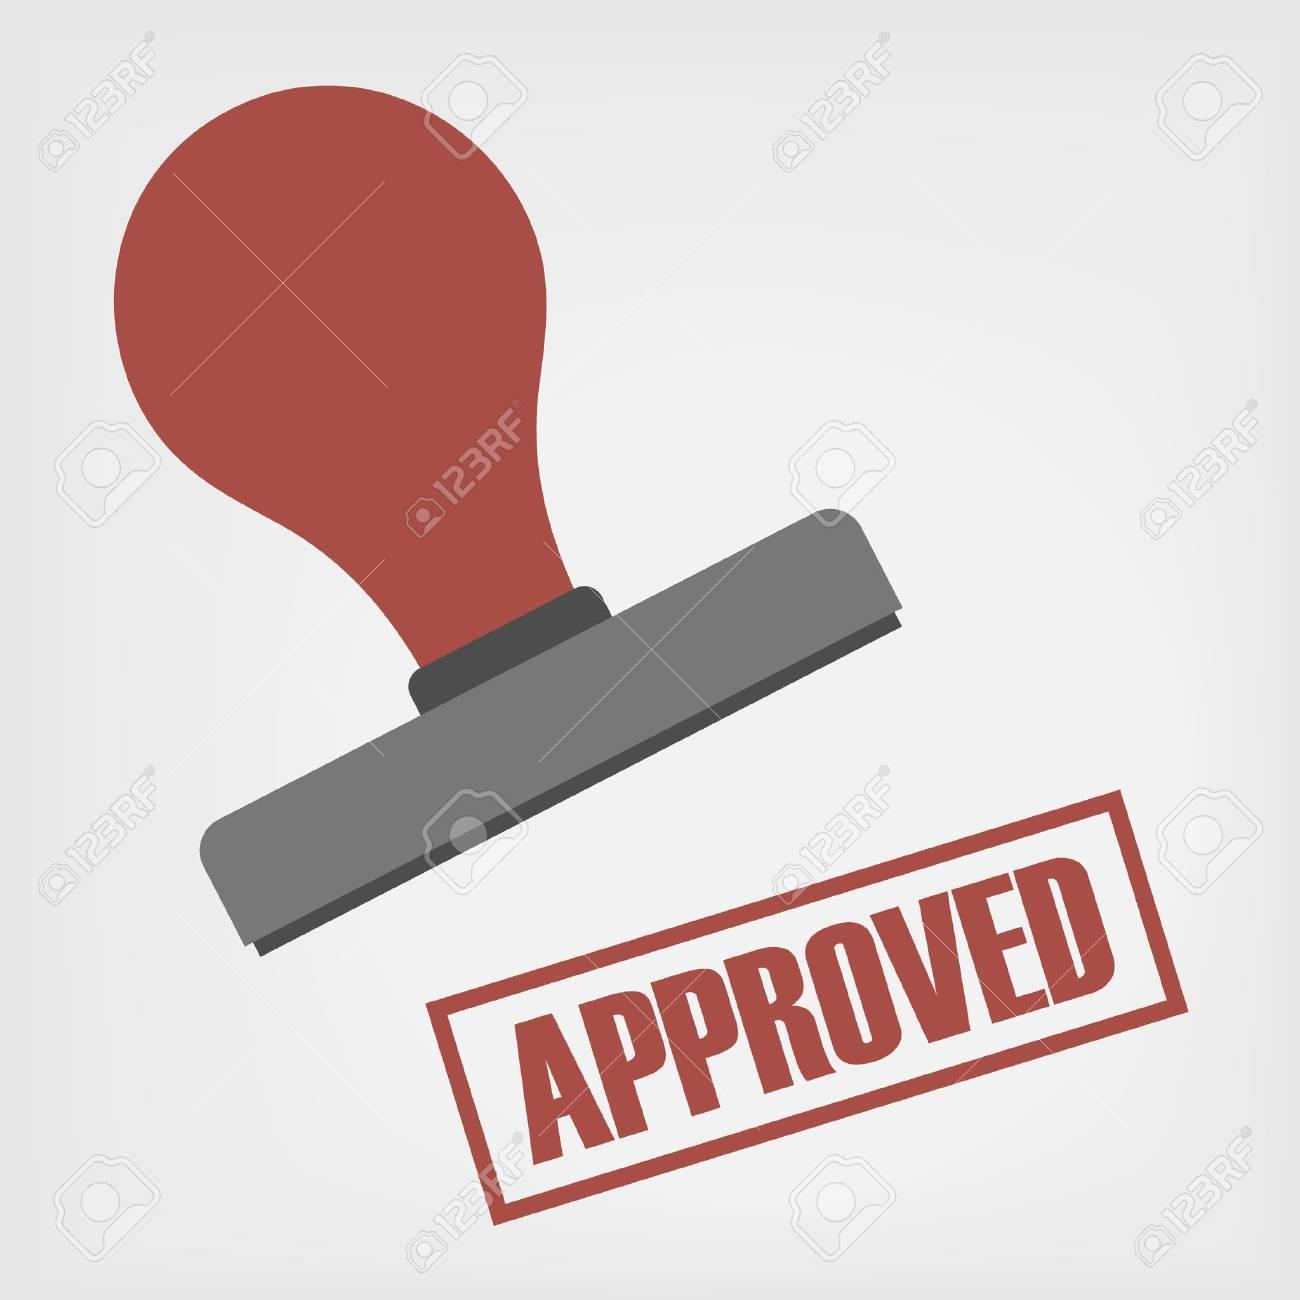 Approved stamp illustration - 26069113